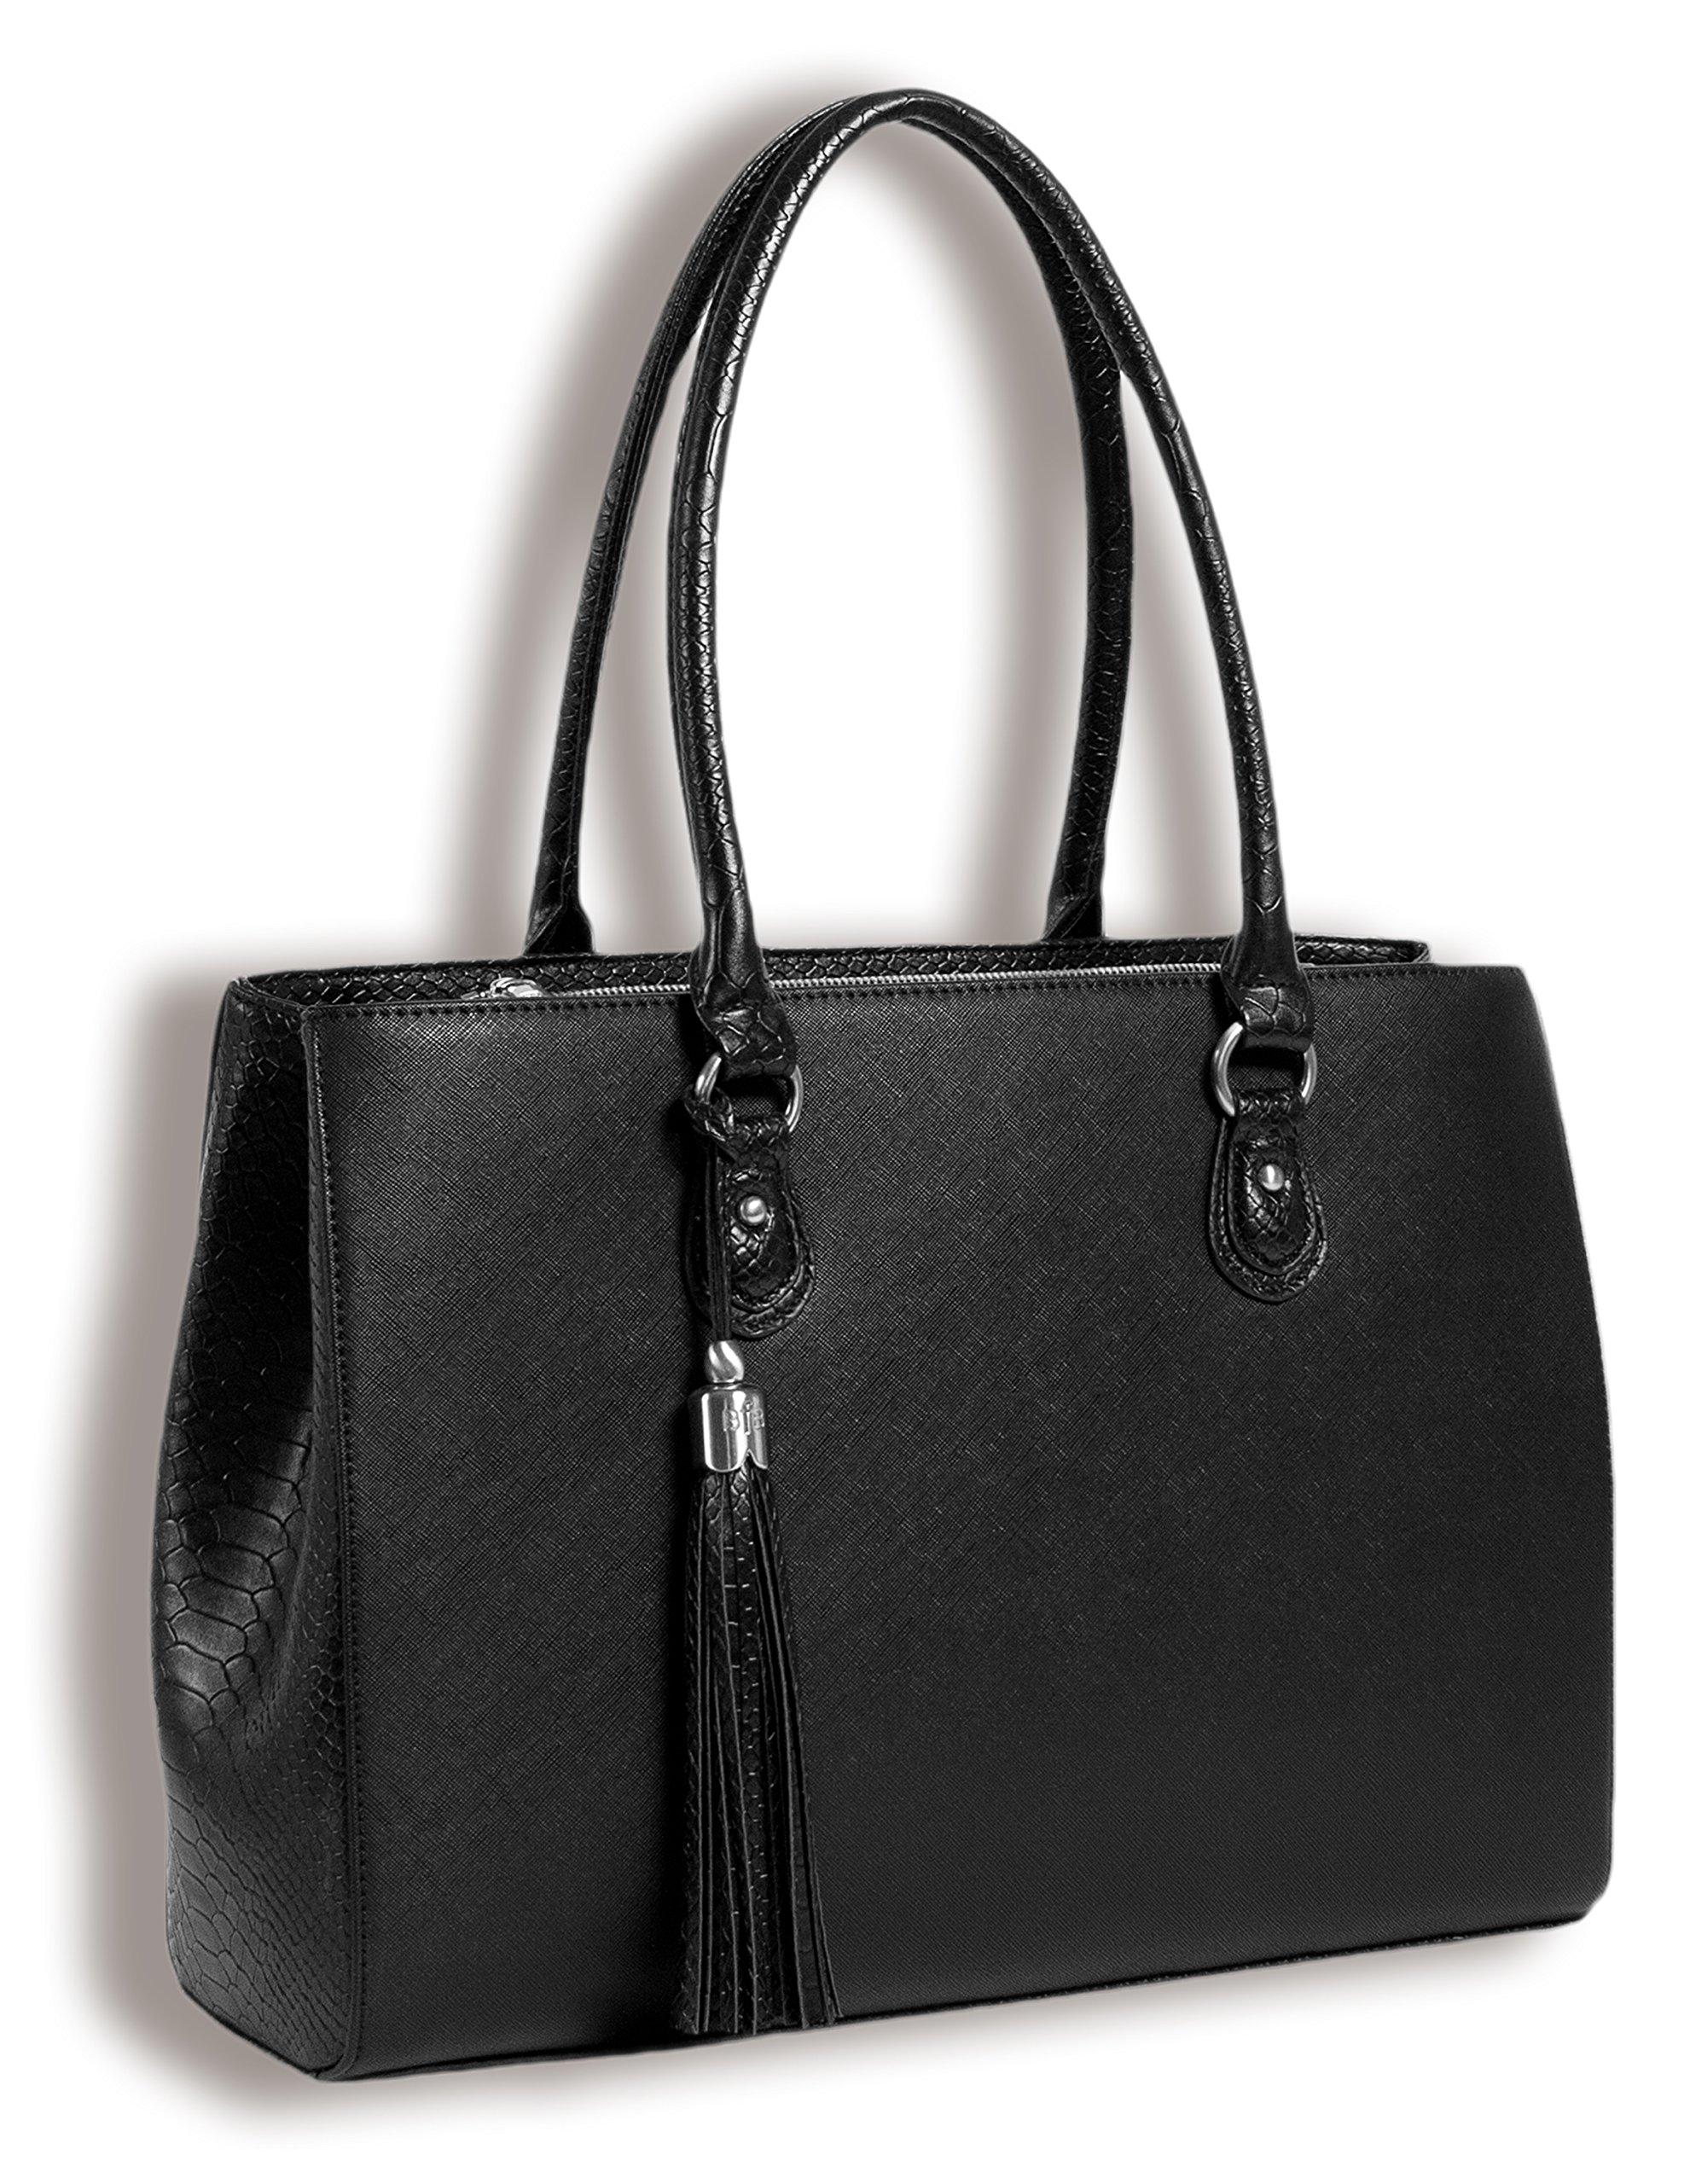 BfB Laptop Tote and Tablet Bag – Lightweight Handmade Designer Work Tote - BLACK